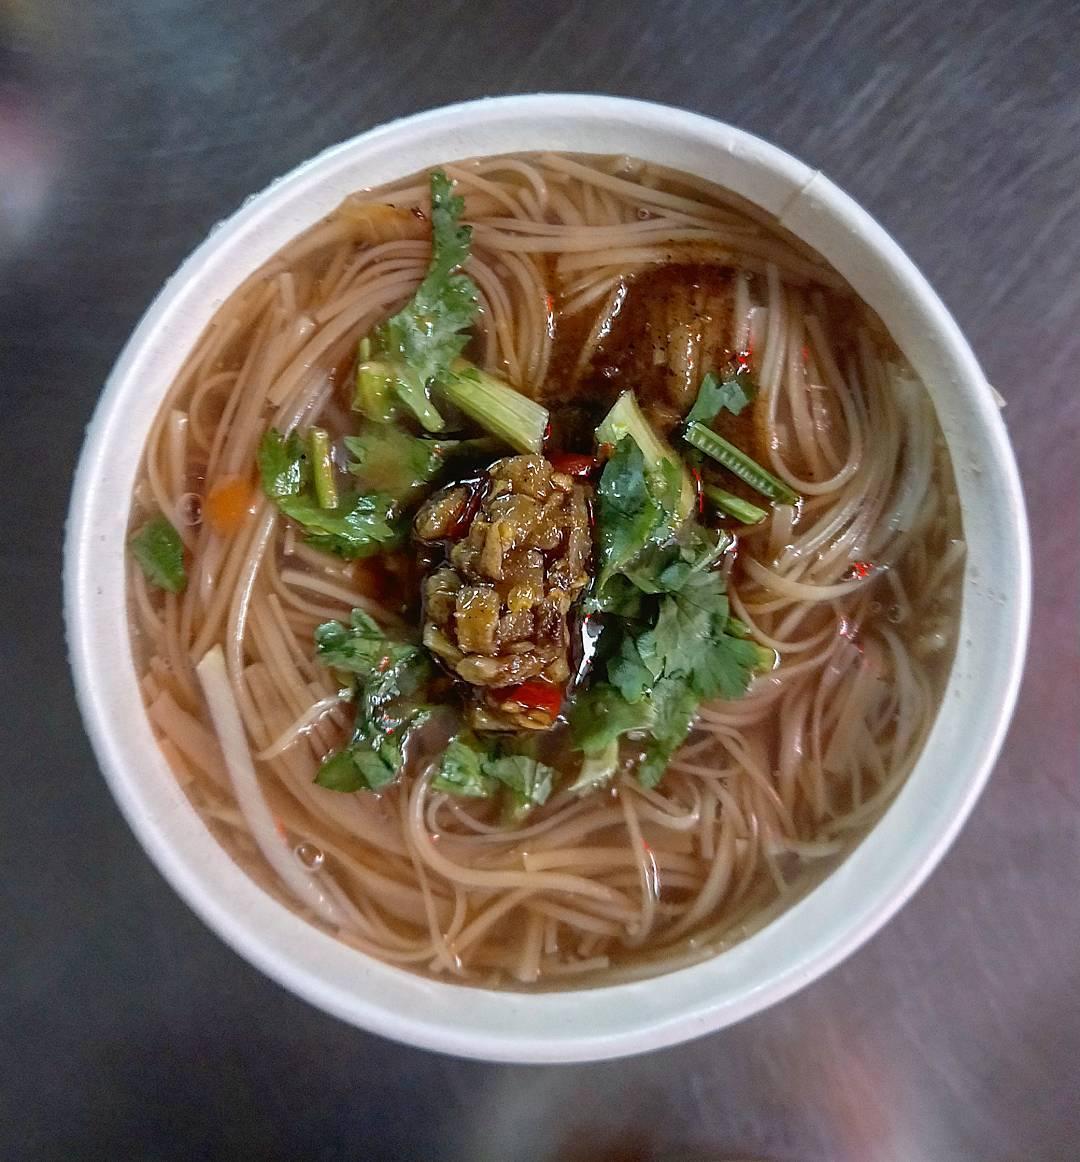 「麻辣大腸麵線」湯頭十分夠味,喜愛吃辣的朋友一定會喜歡。(圖片來源/Instagram-austin.amei)